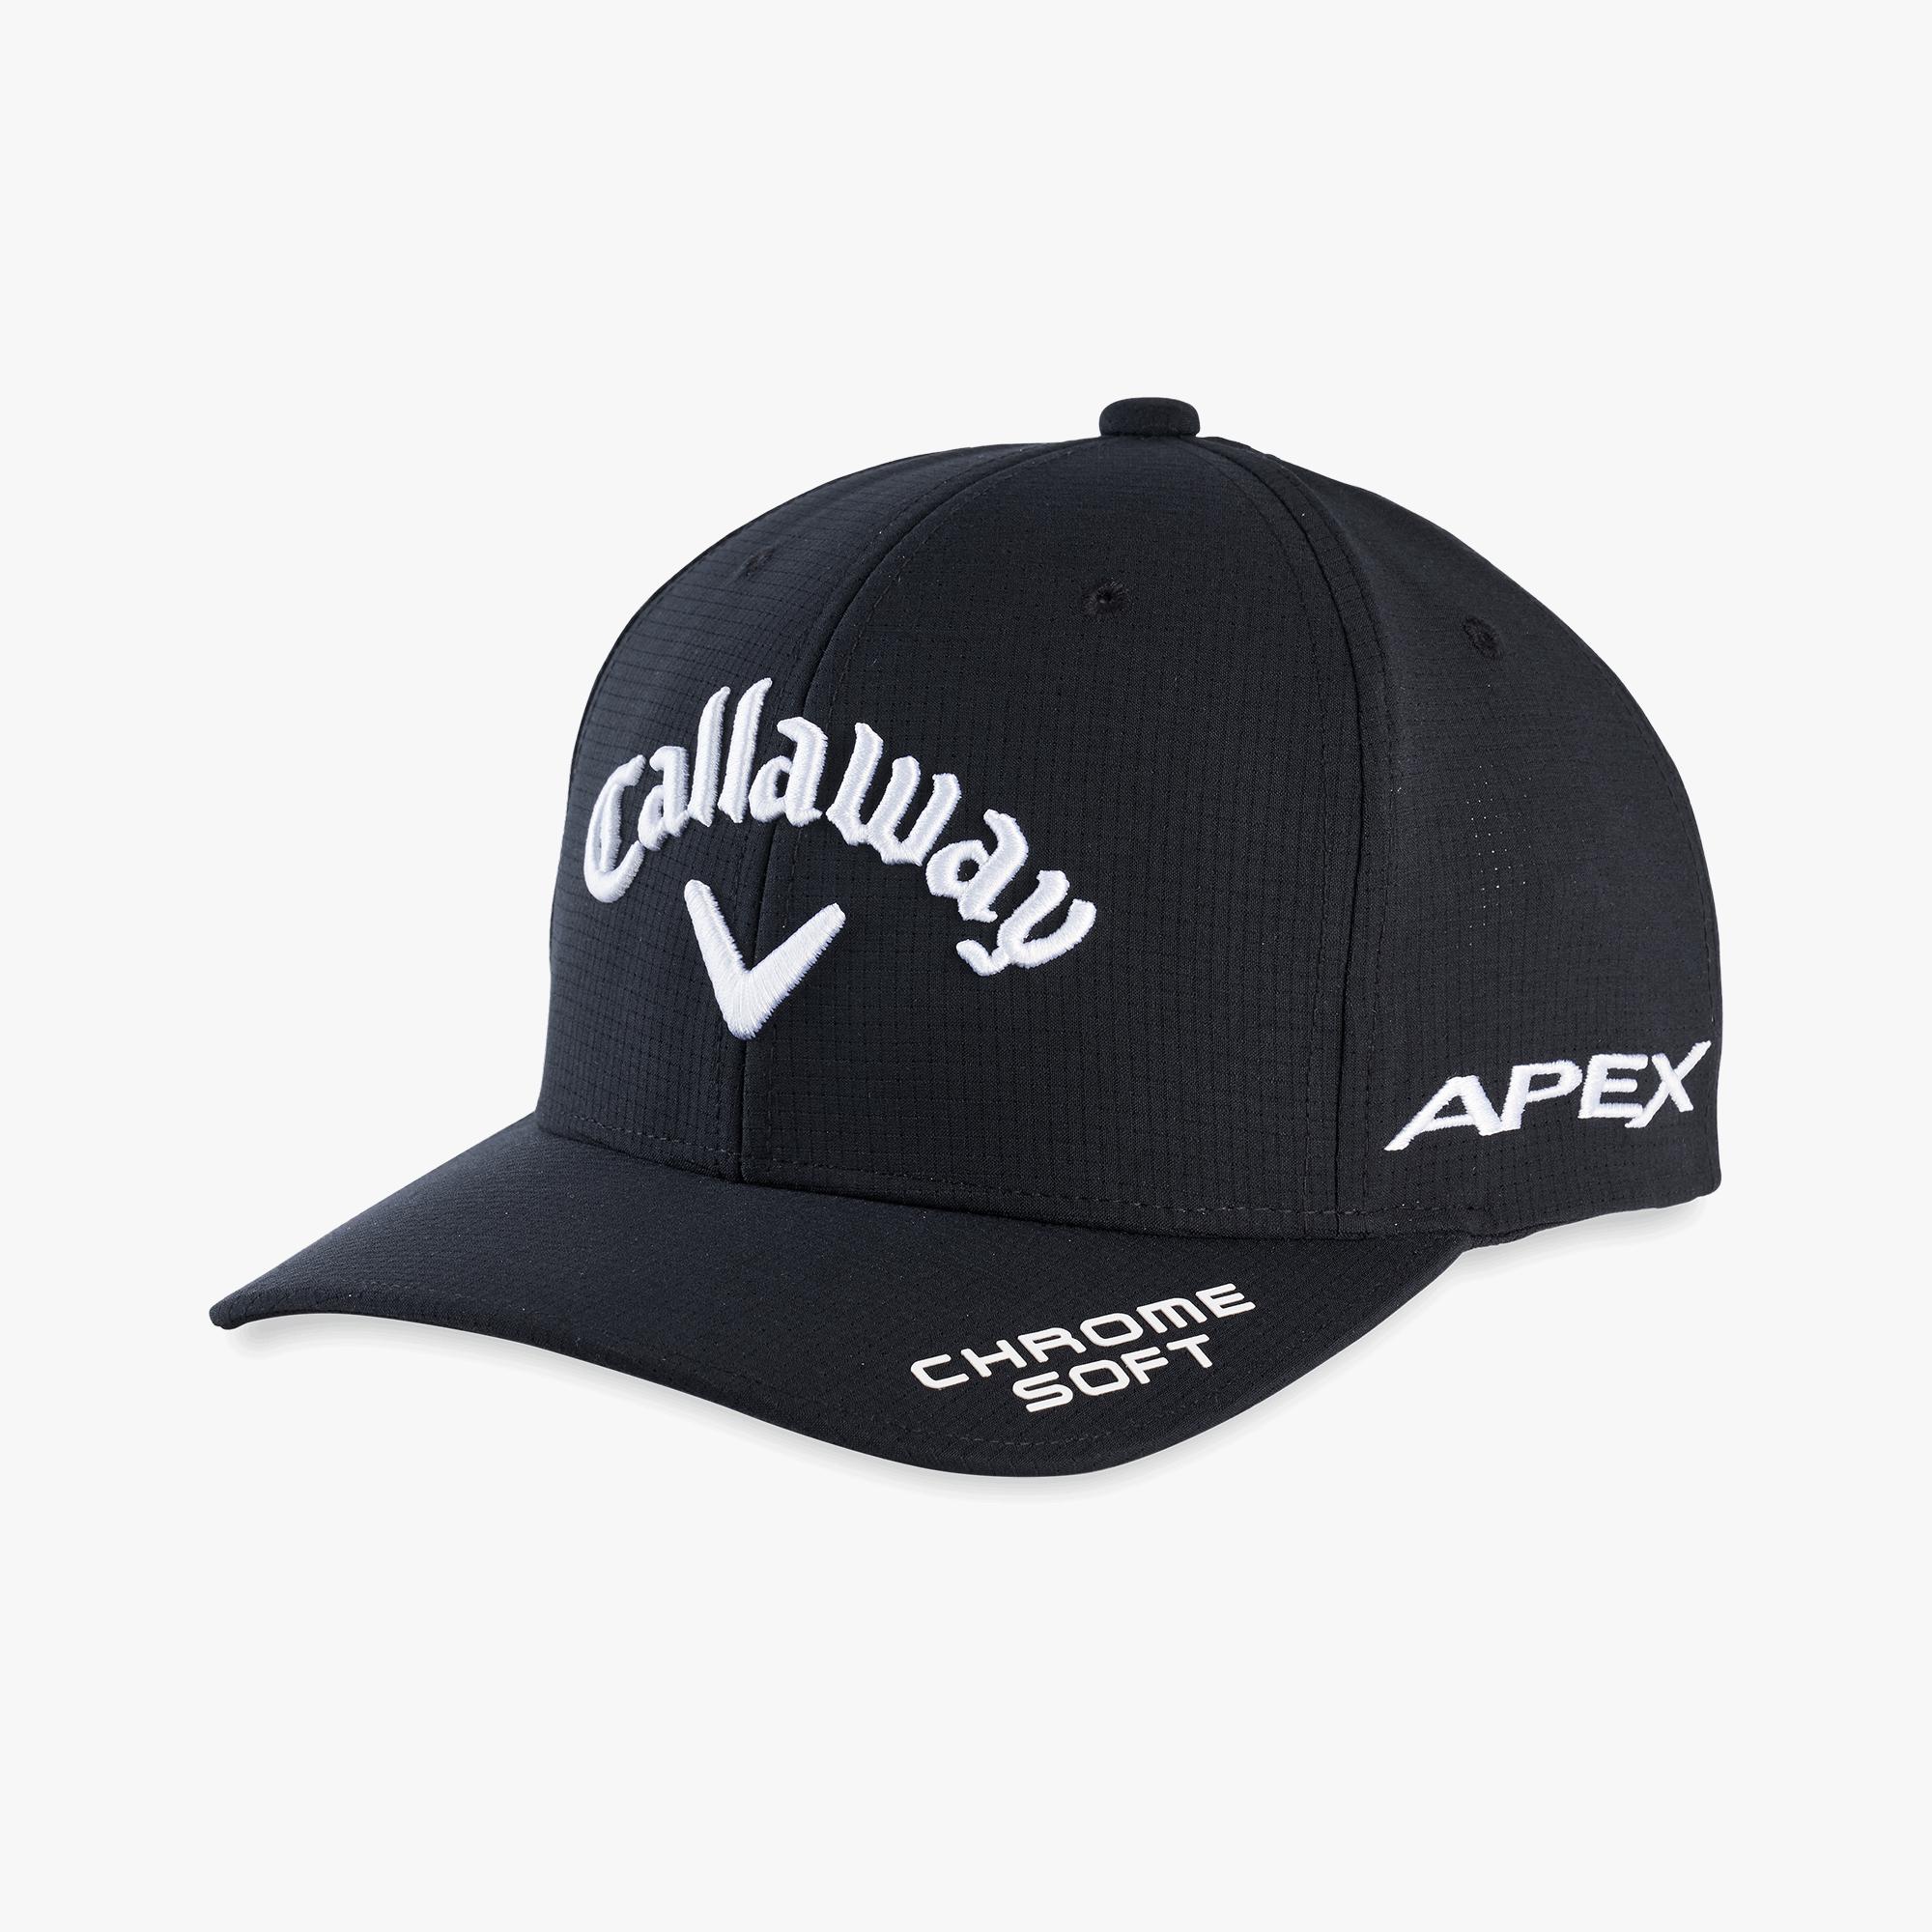 Tour Authentic Performance Pro XL Cap